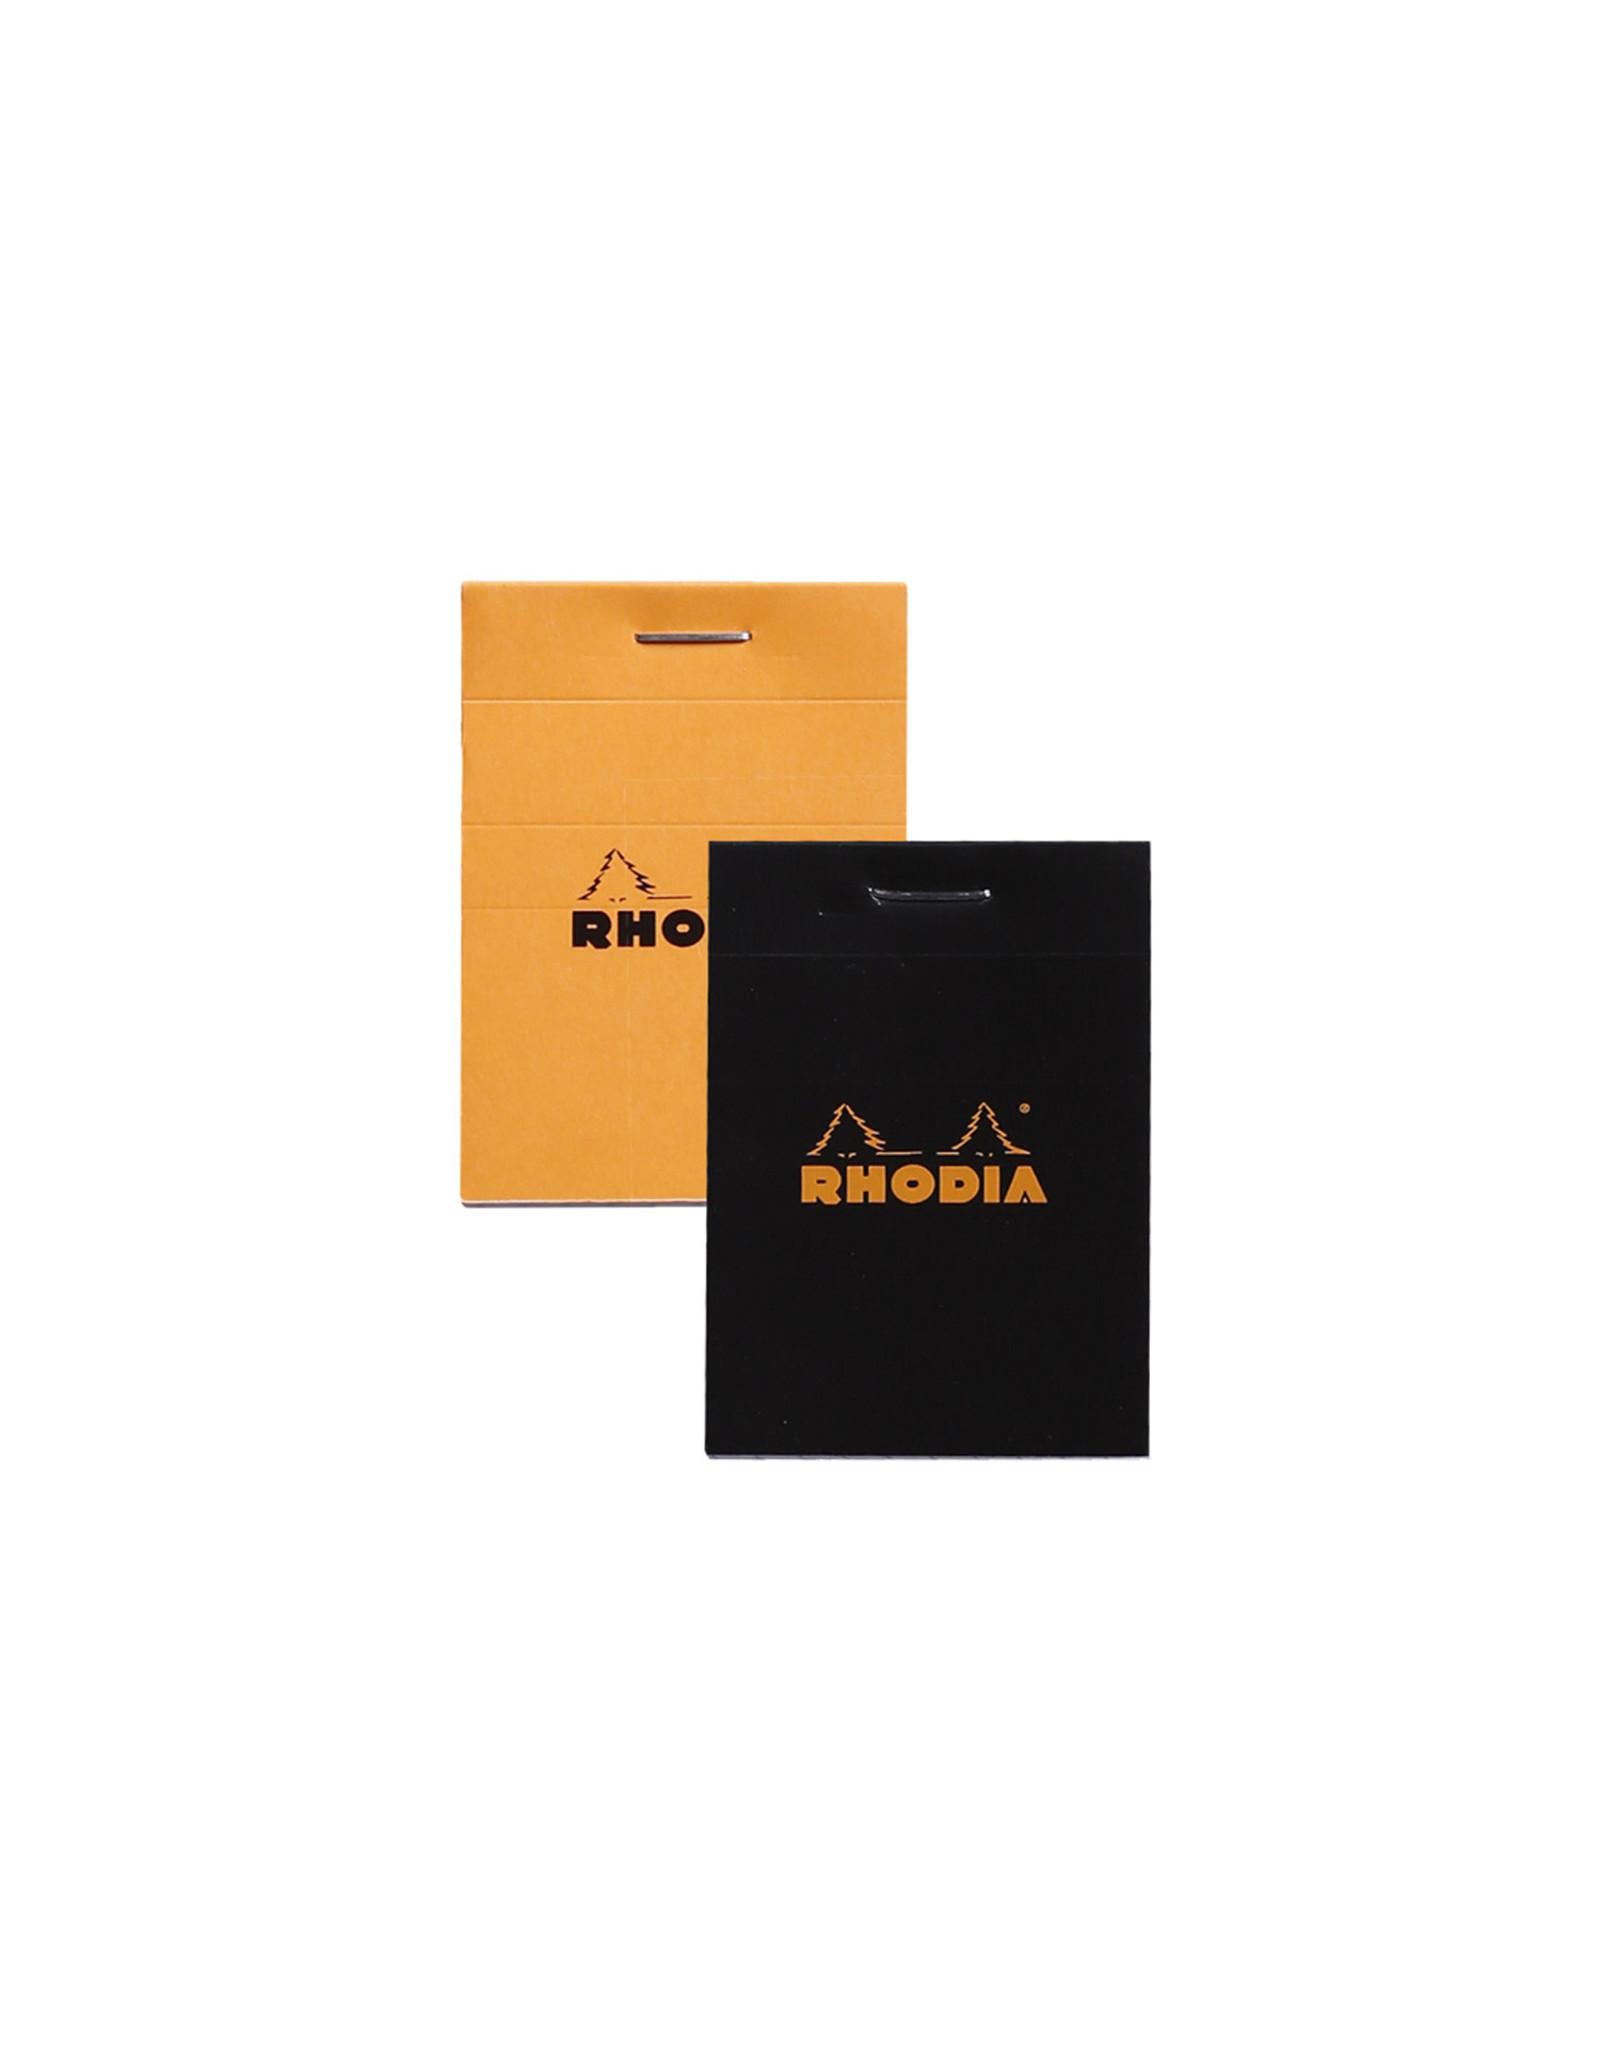 Rhodia Pad No. 11, Orange Graph